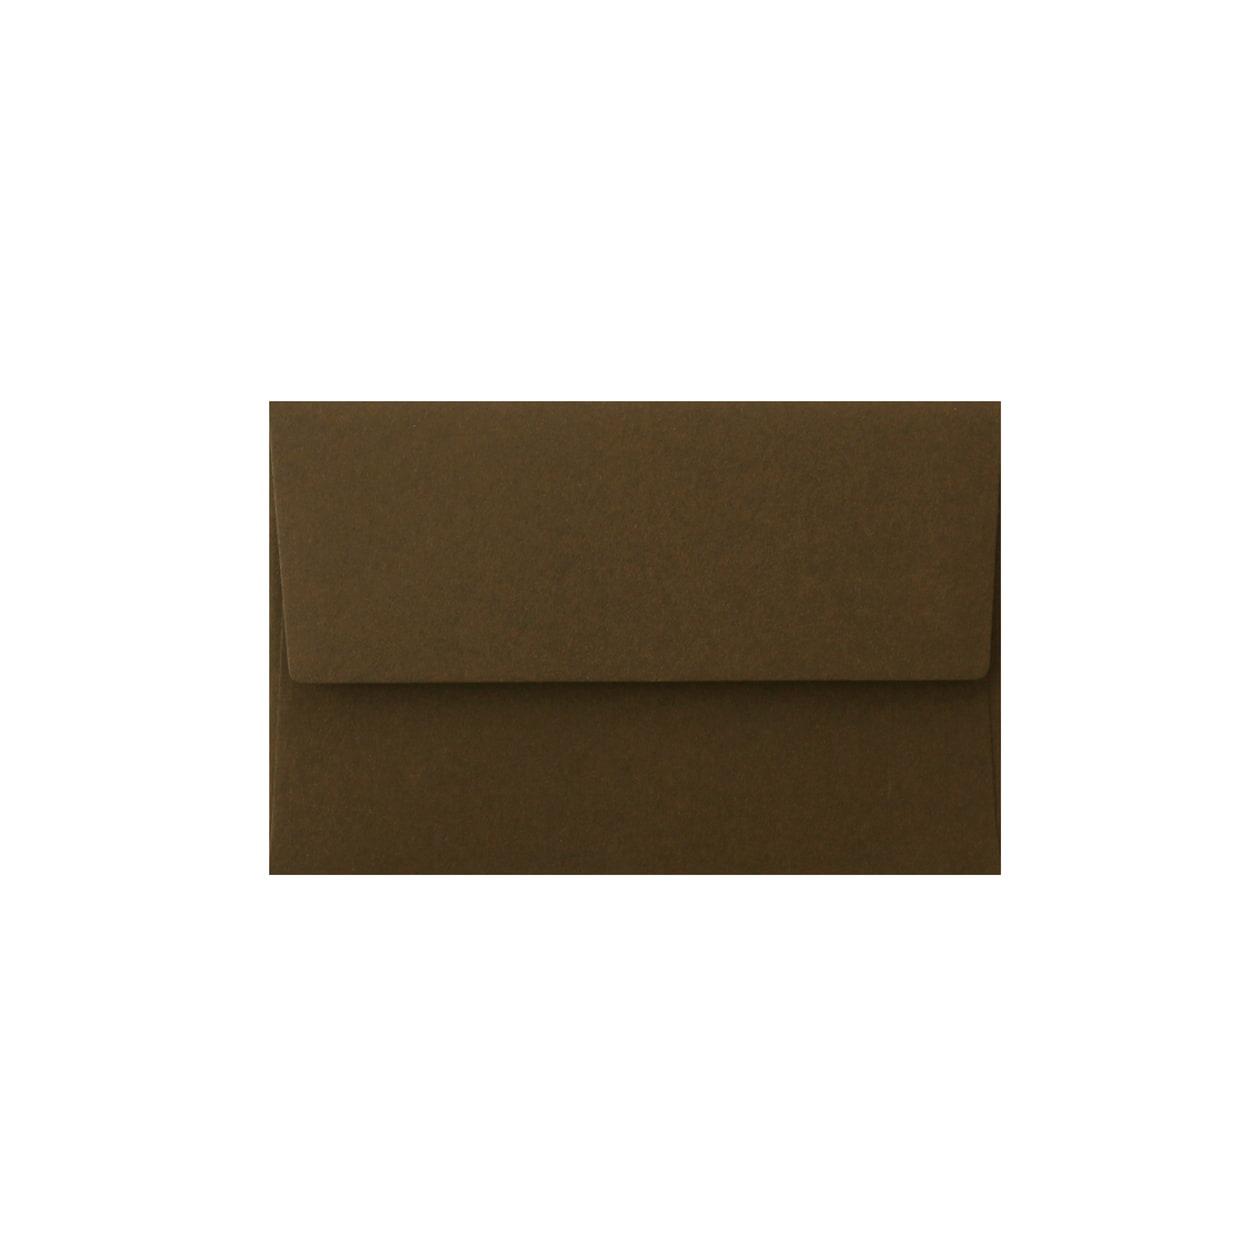 NEカマス封筒 コットン チョコレート 116.3g